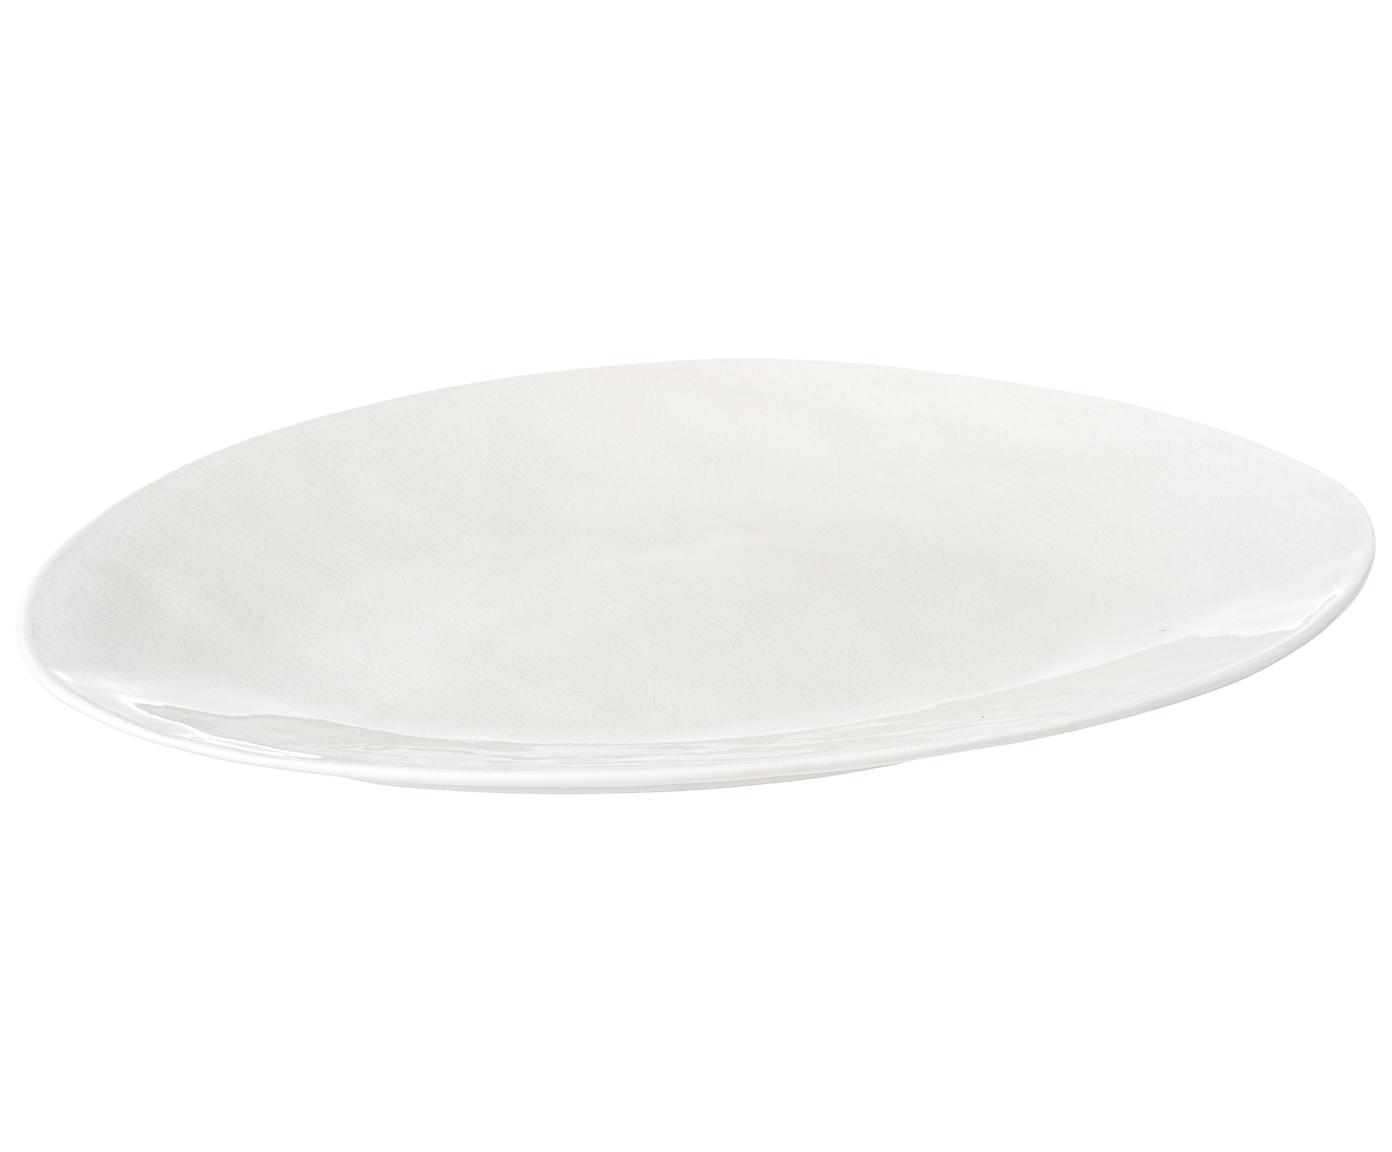 Servierplatte à la Maison, Porzellan, Creme, 28 x 34 cm